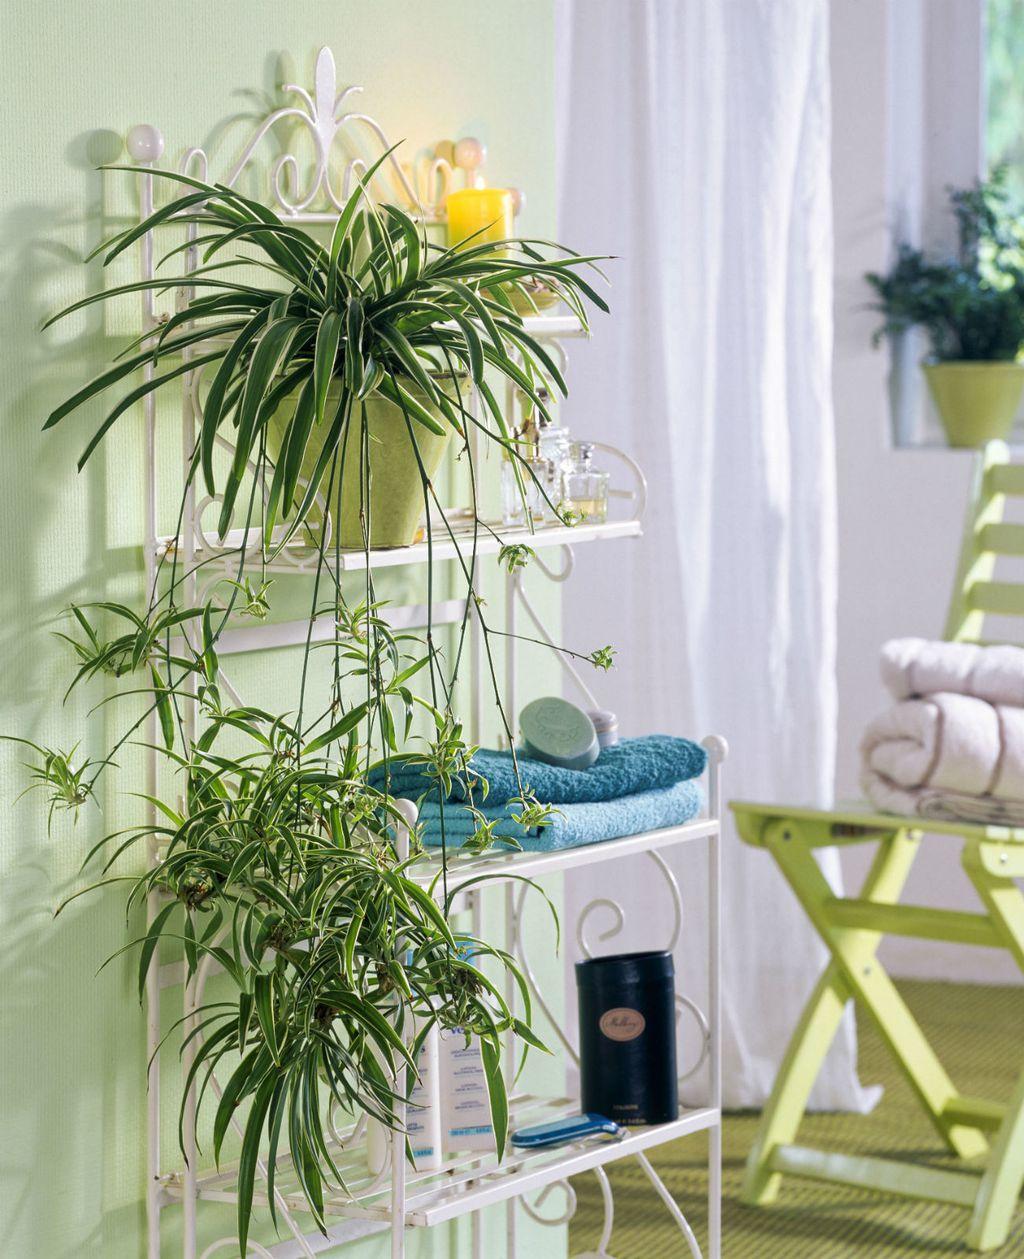 Zeleni ljiljan biljka je koju je lako održavati